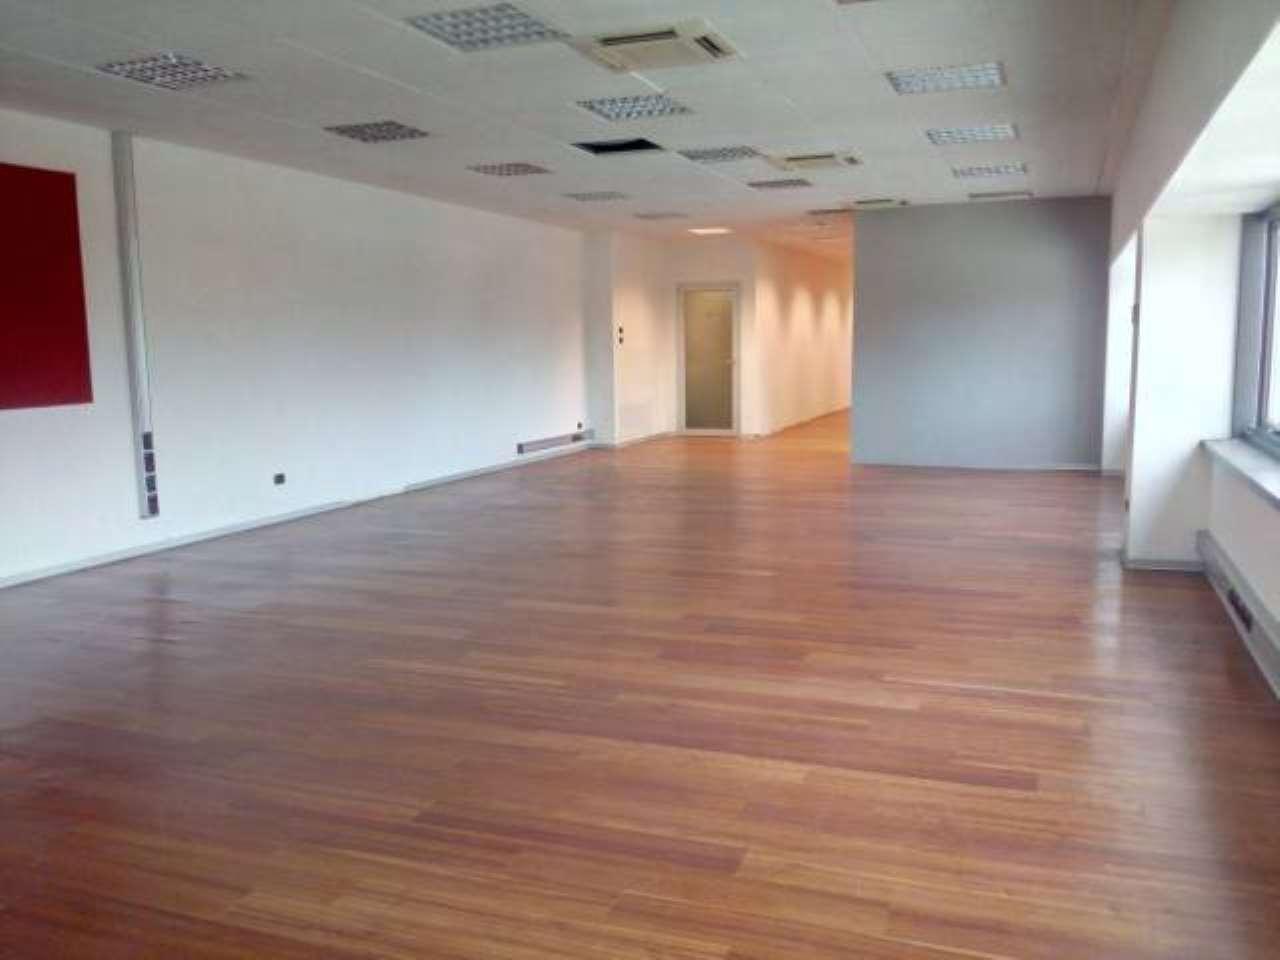 Ufficio / Studio in affitto a Cambiago, 4 locali, prezzo € 2.300 | PortaleAgenzieImmobiliari.it